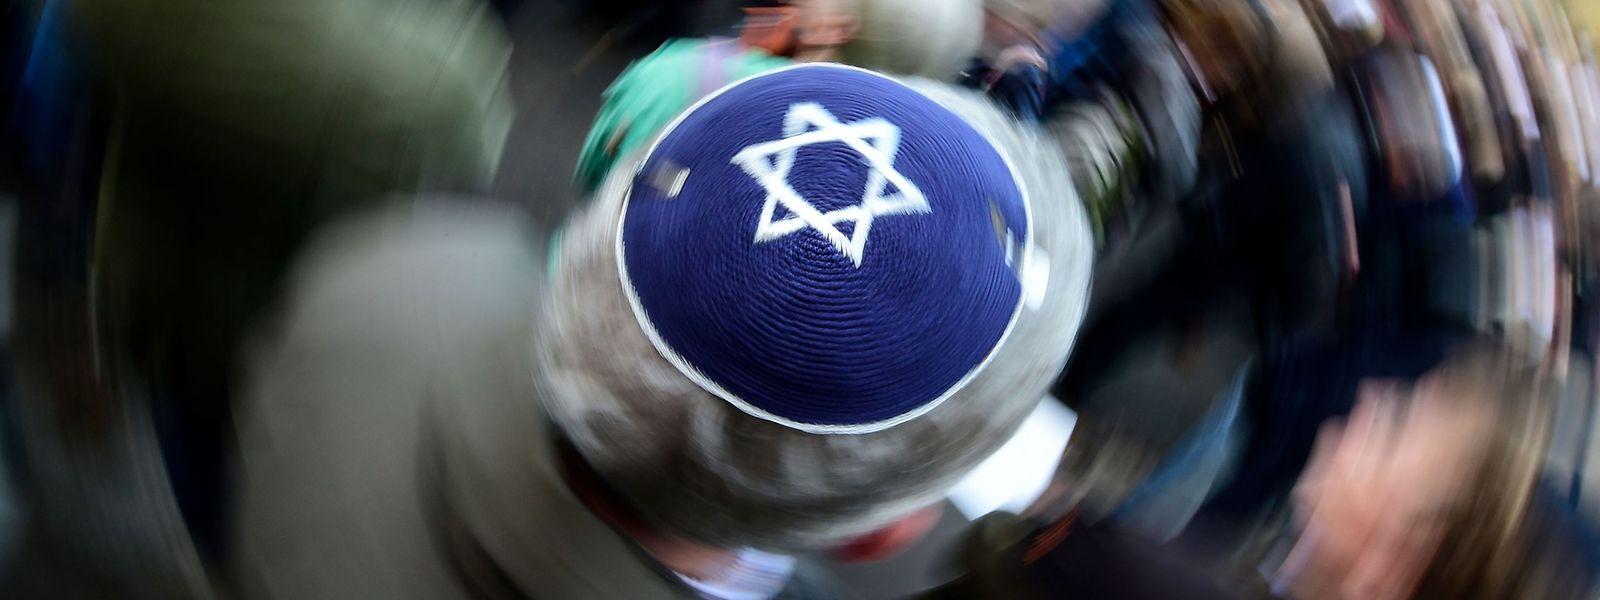 Plusieurs affaire ont choqué l'Allemagne l'an passé, en particulier l'agression en avril à Berlin d'un Arabe israélien portant une kippa.